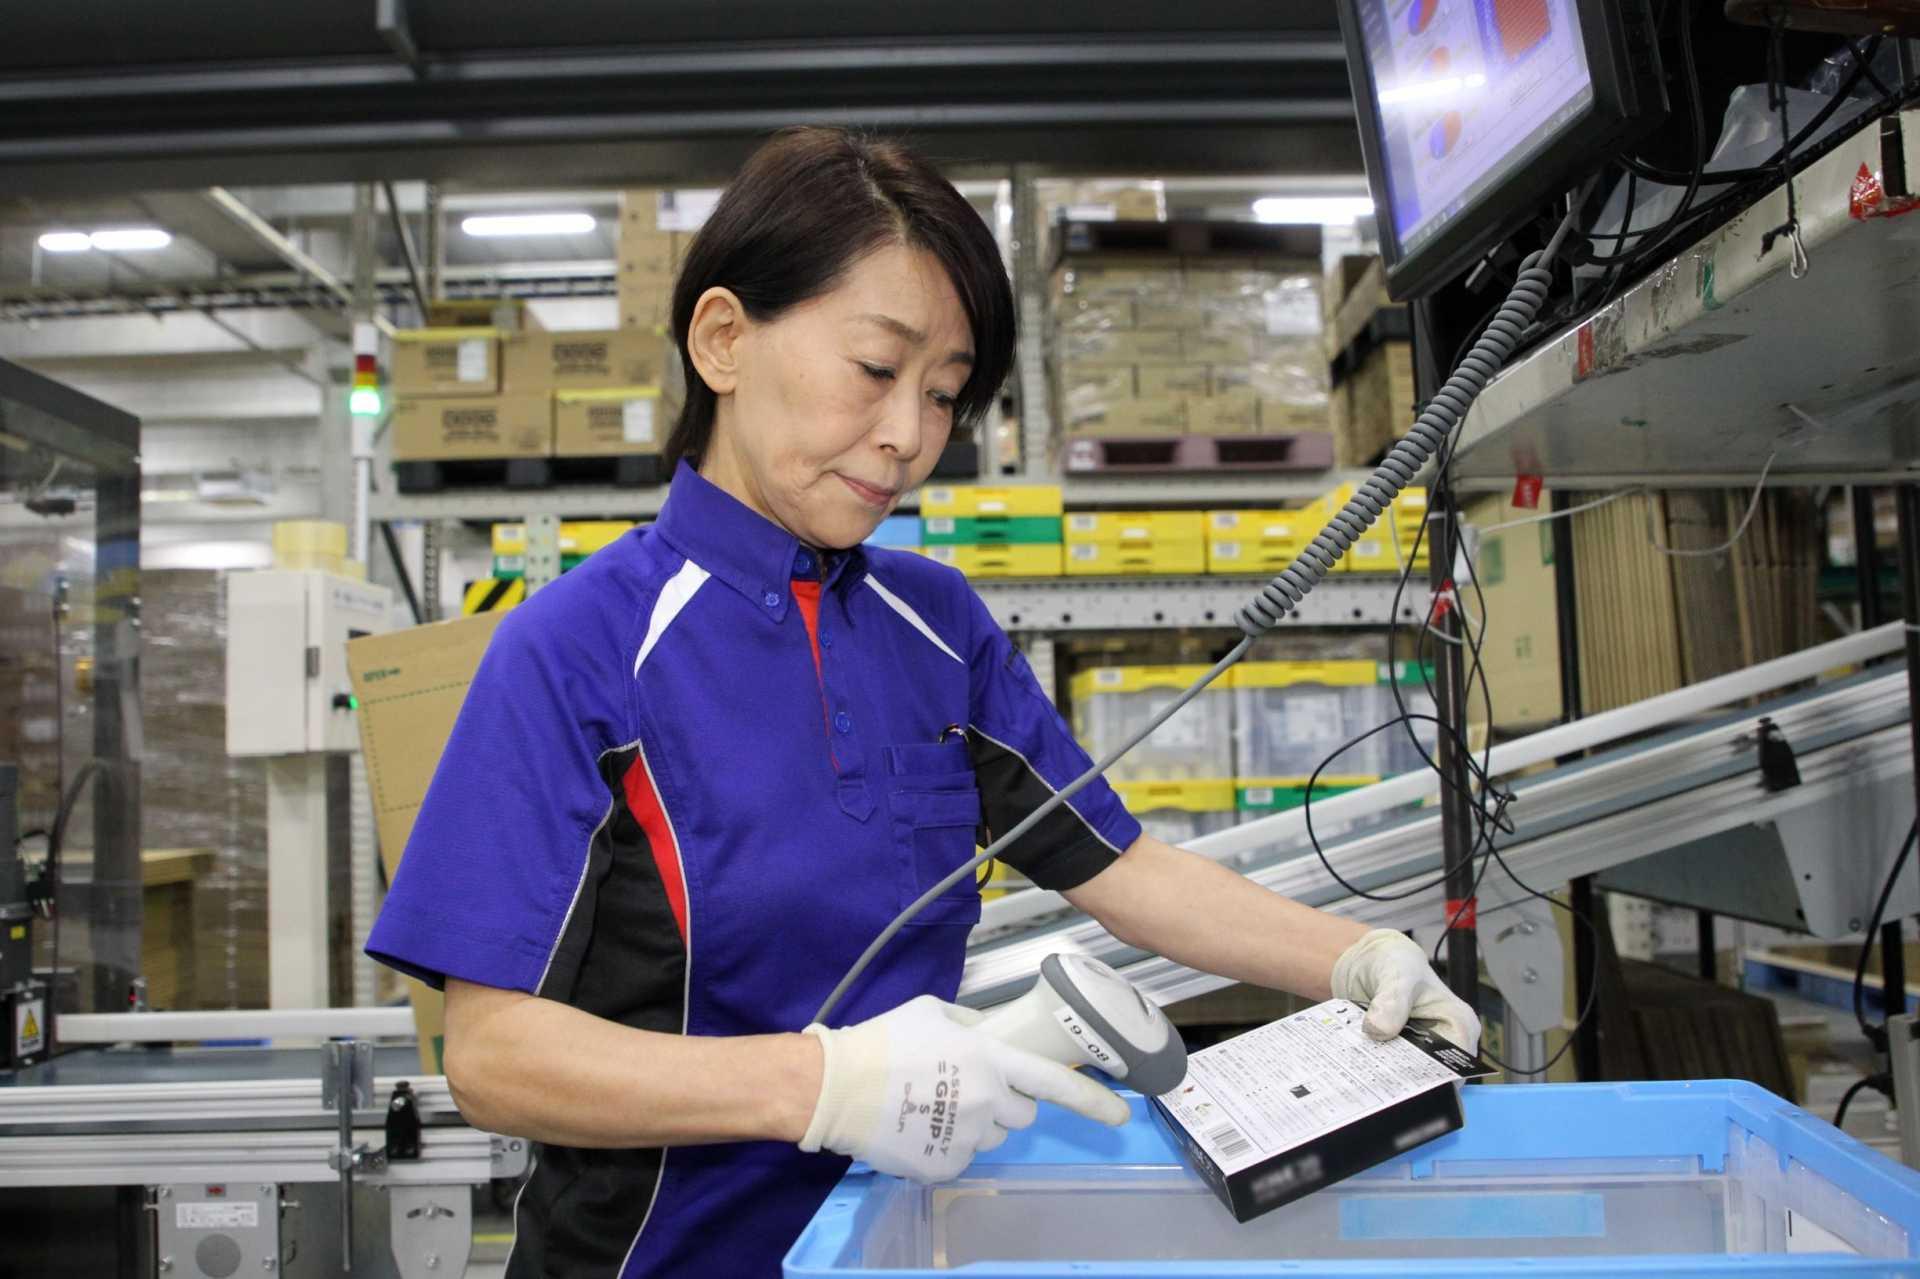 倉庫内でのピッキングや検品・梱包、仕分けなどの作業を行います。